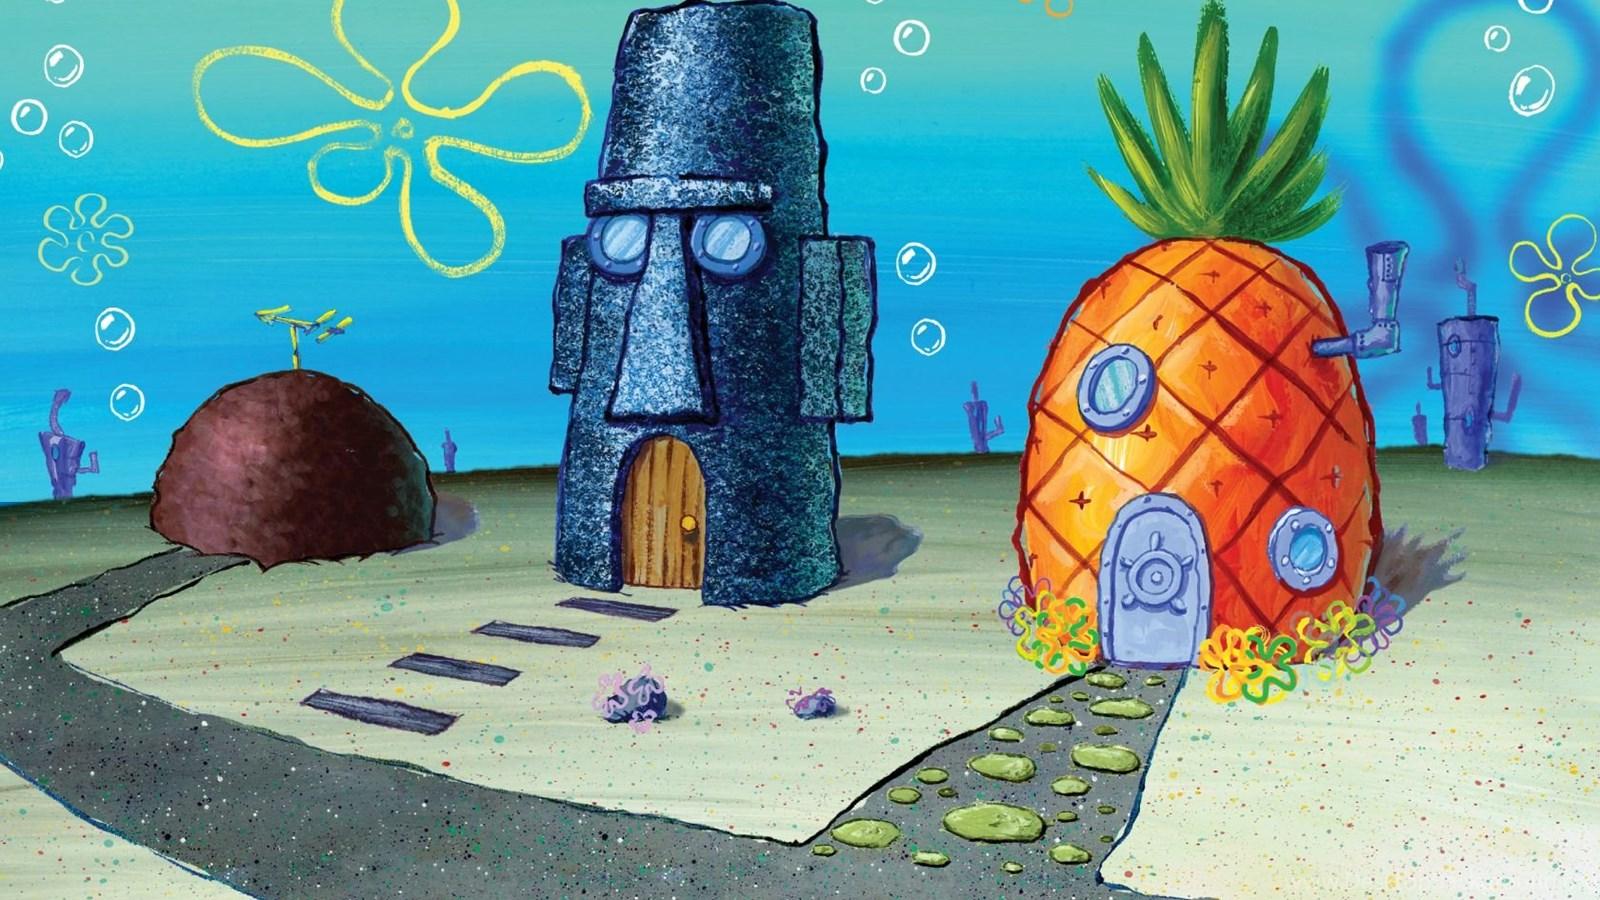 Sponge bob bikini bottom